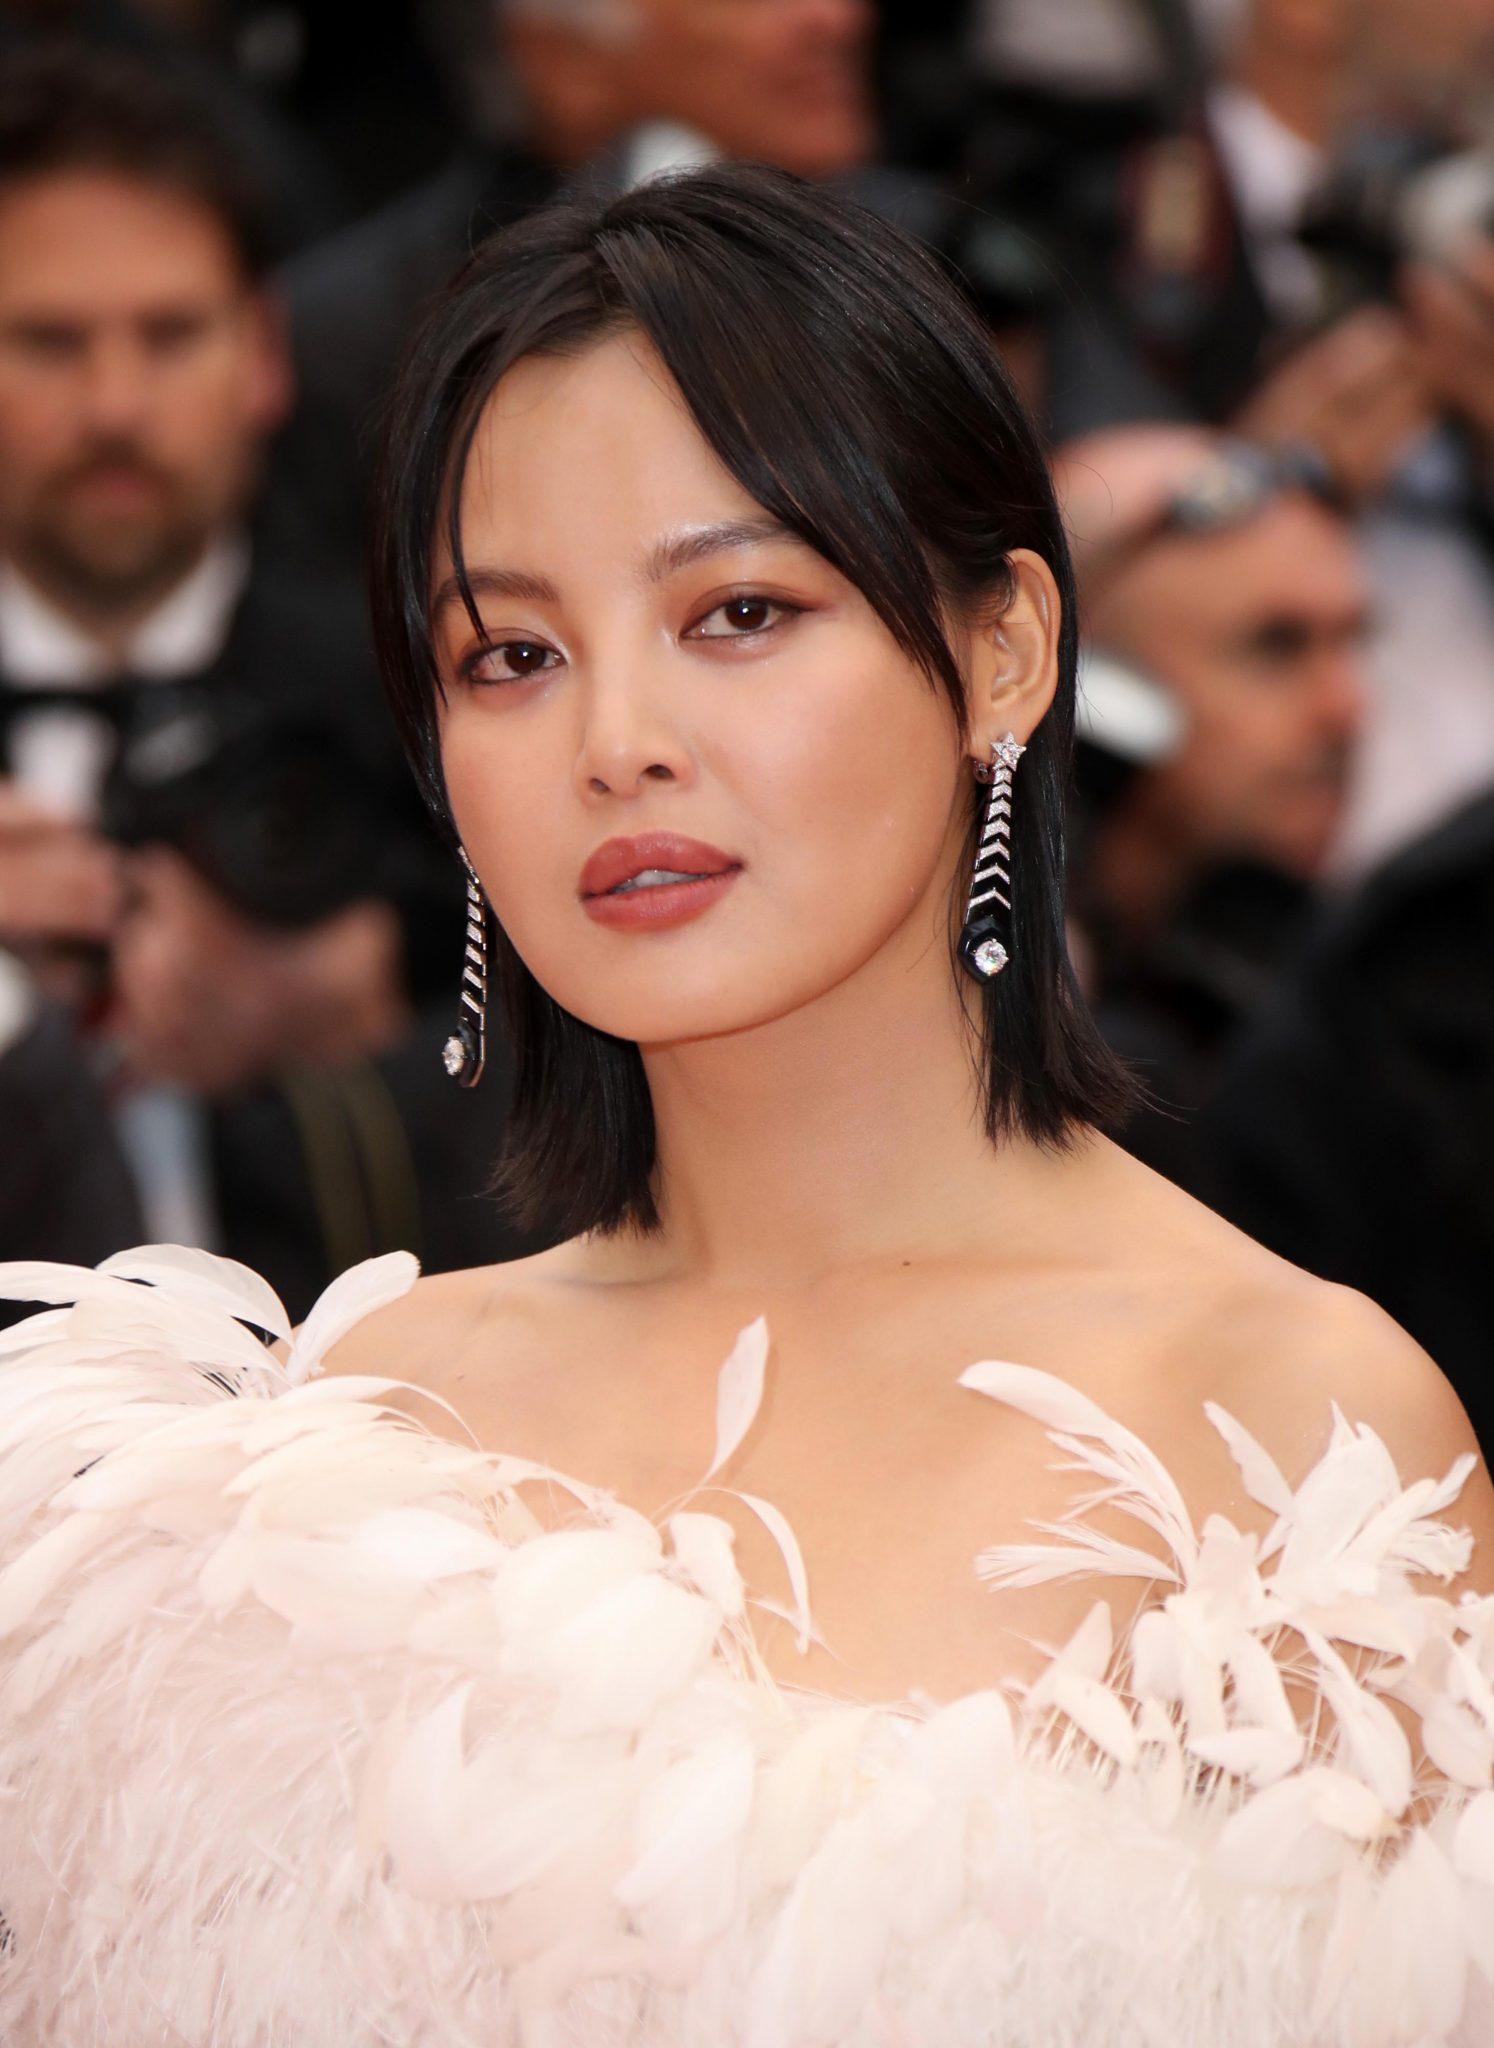 CHANEL Cannes 2019 Xin Zhilei Esprit de Gabrielle espritdegabrielle.com